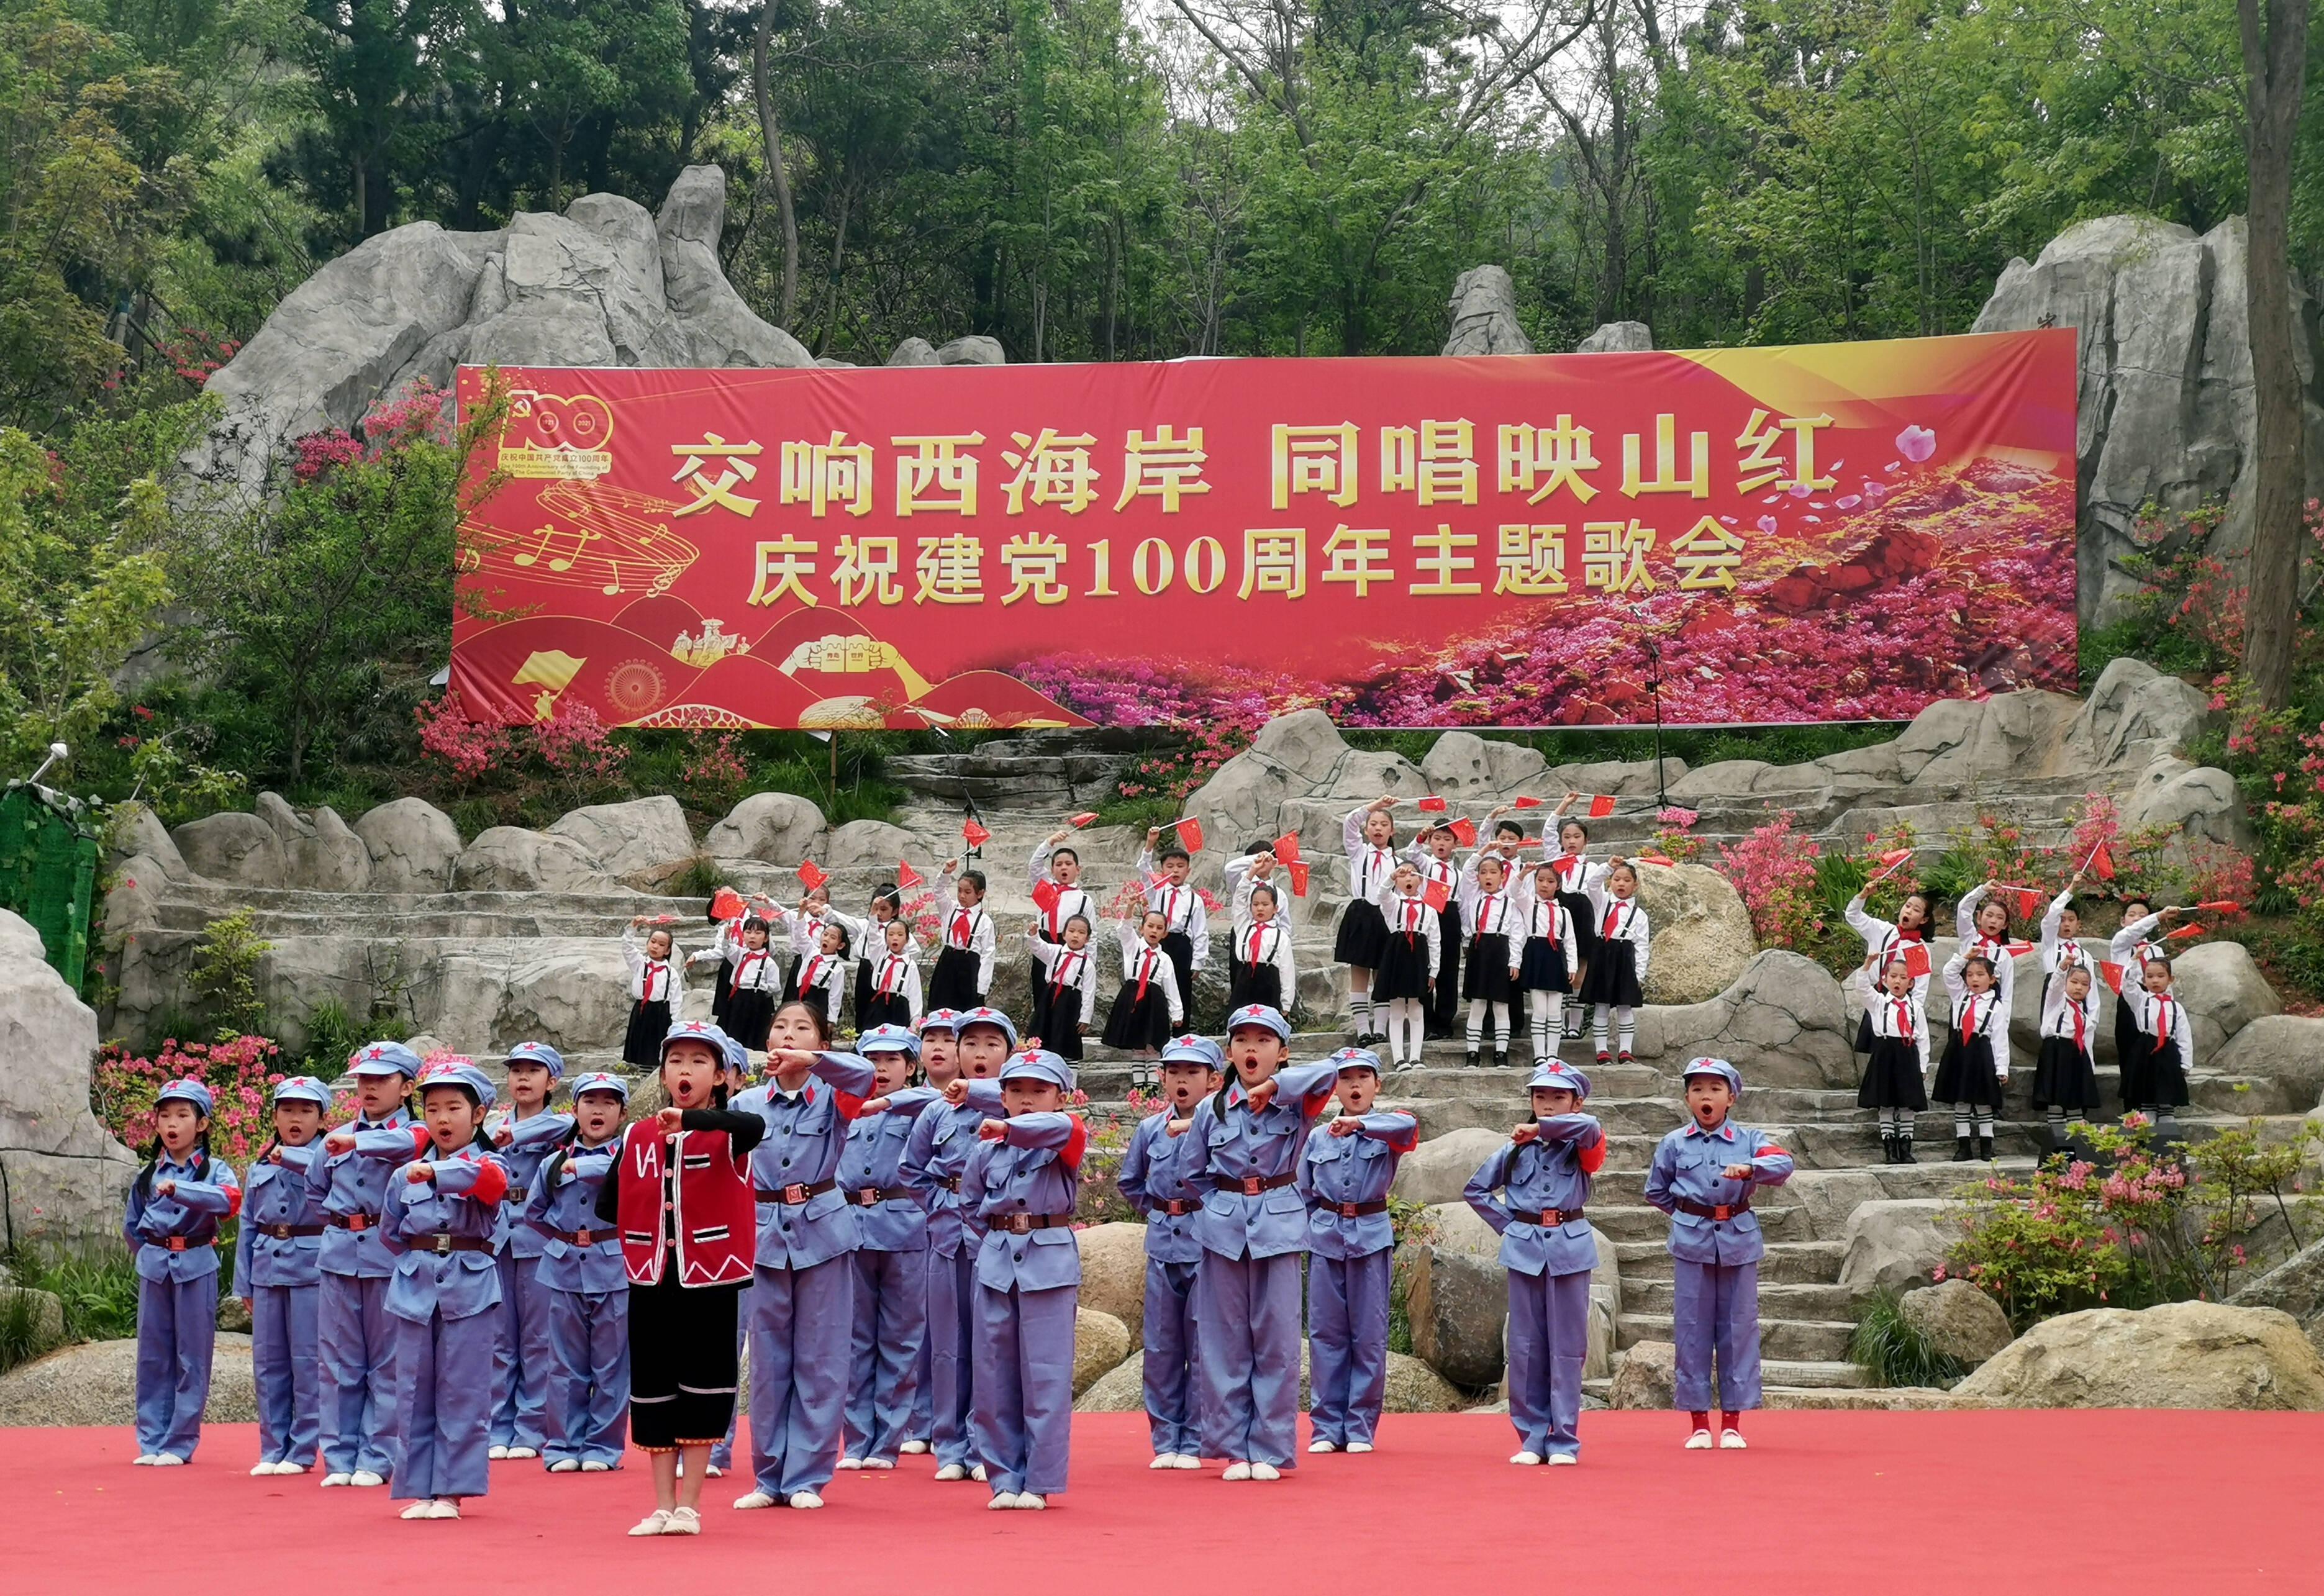 孩子们表演儿童舞剧《闪闪红星》。记者 李涛 摄